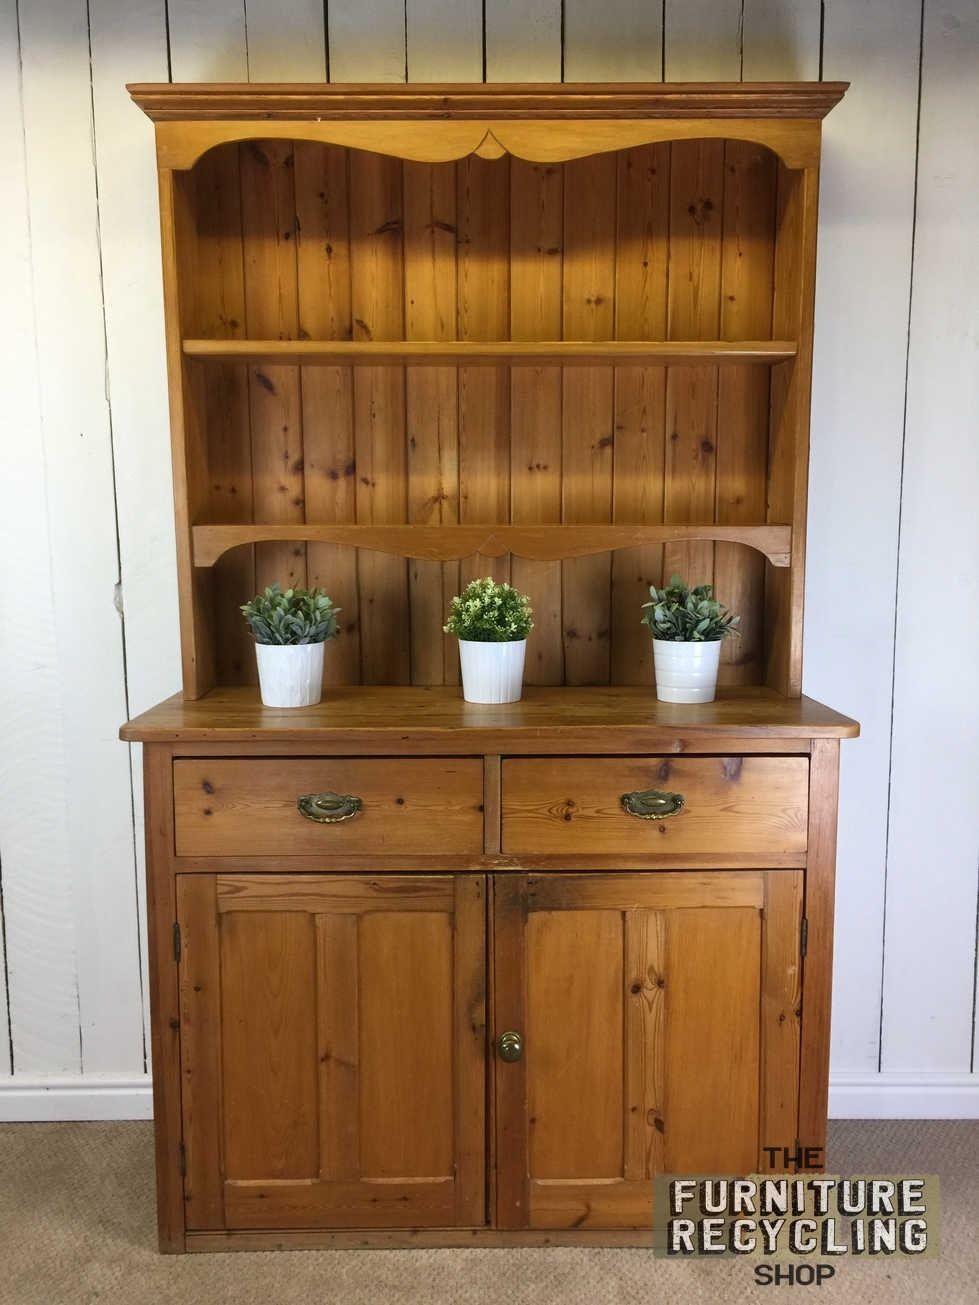 Farmhouse pine dresser solid wood rustic welsh dresser kitchen storage